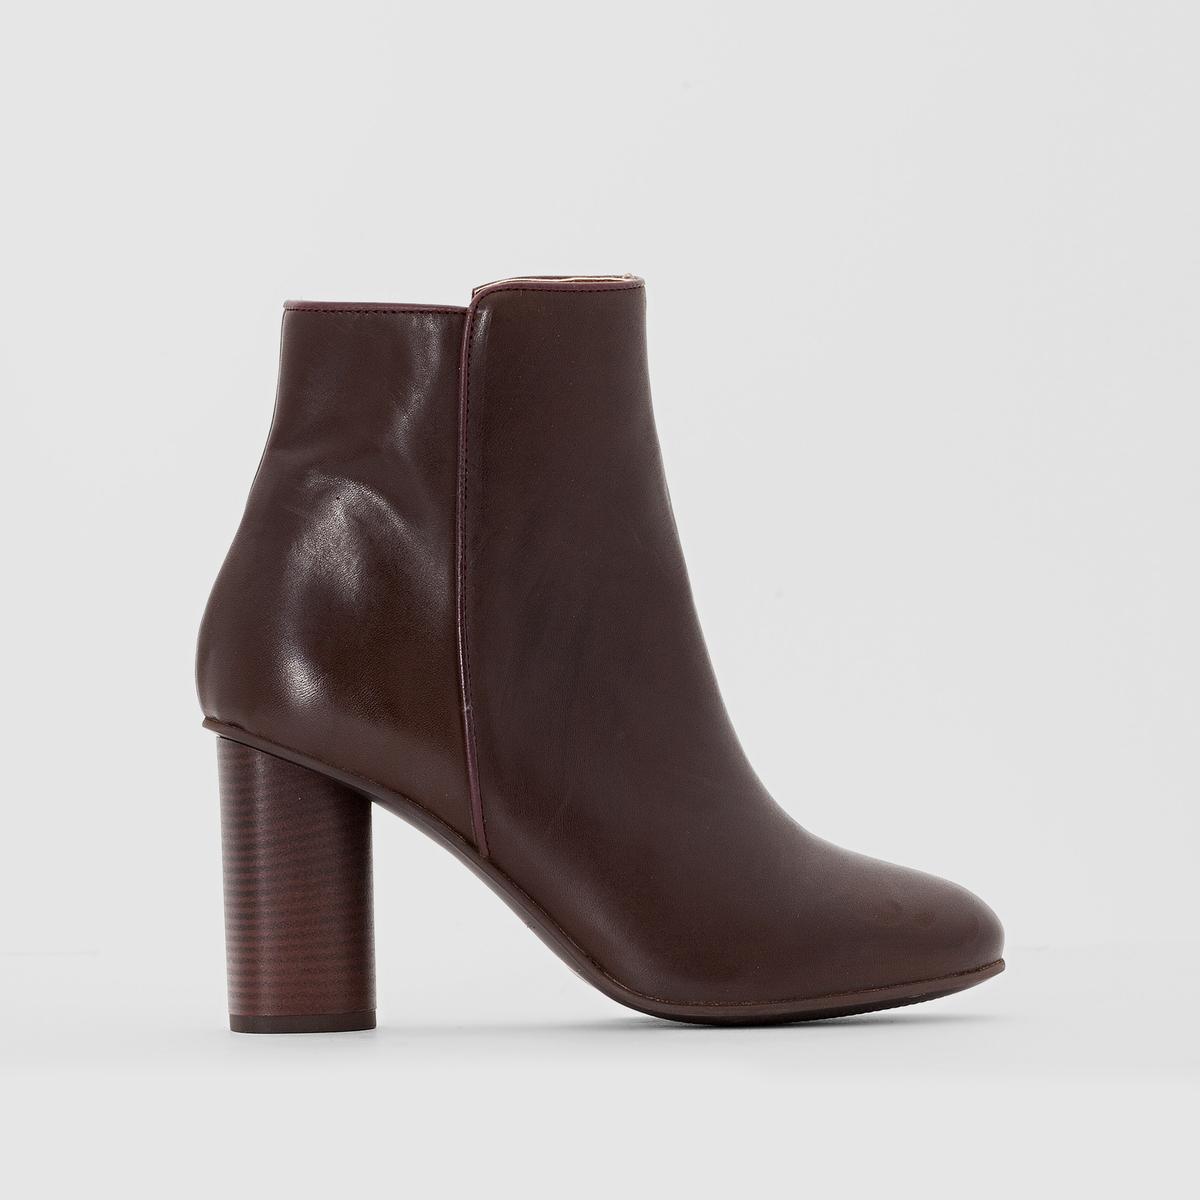 Ботильоны кожаные на высоком каблукеВерх/Голенище: кожа                 Подкладка: кожа         Стелька: кожа         Подошва: эластомер         Высота каблука: 7,5 см                 Форма каблука: широкий         Мысок : закругленный         Застежка : на молнию Страна производства : Португалия<br><br>Цвет: черный,шоколадный<br>Размер: 38.39.37.36